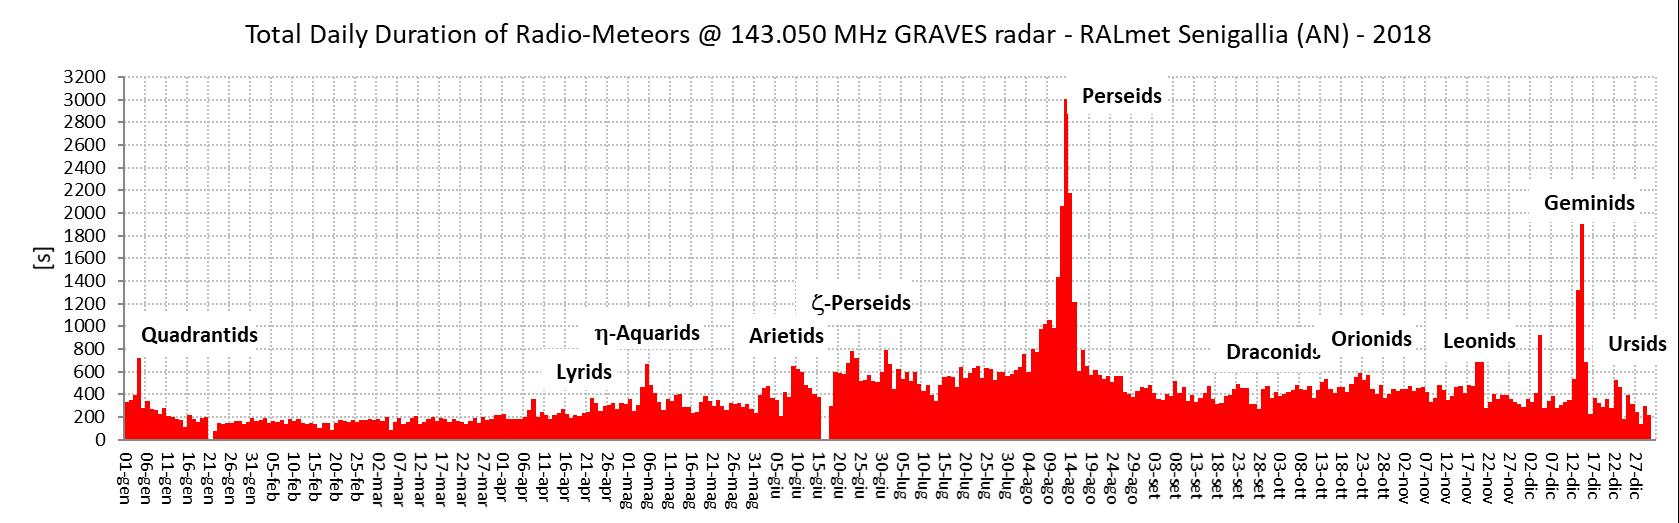 Somma giornaliera delle durate (espresse in secondi) dei radio-echi meteorici catturati dalla nostra stazione durante l'anno 2018.